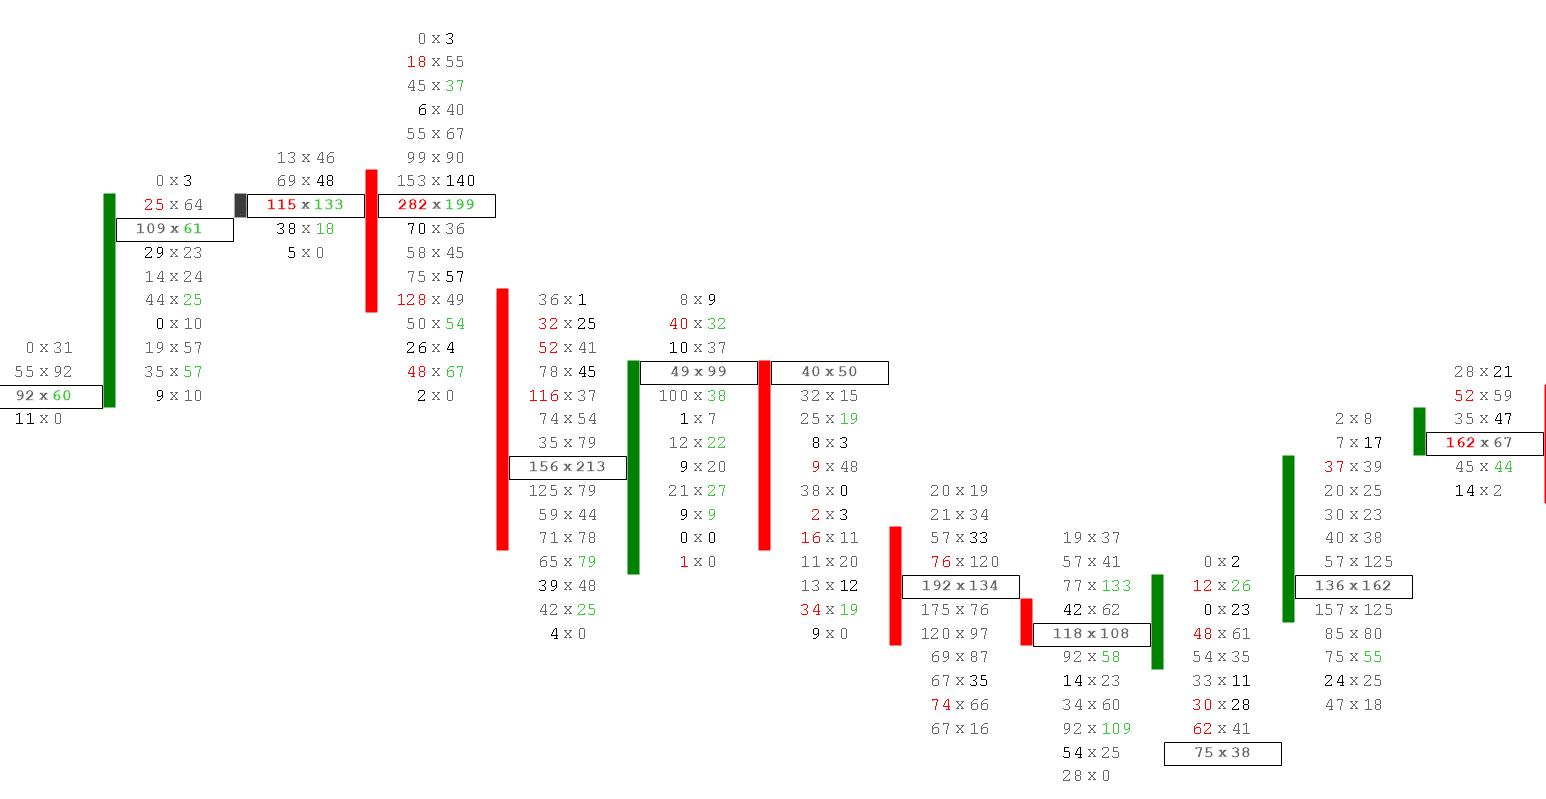 mitől függ a bináris opciós diagram mikor záródnak le a bináris opciók